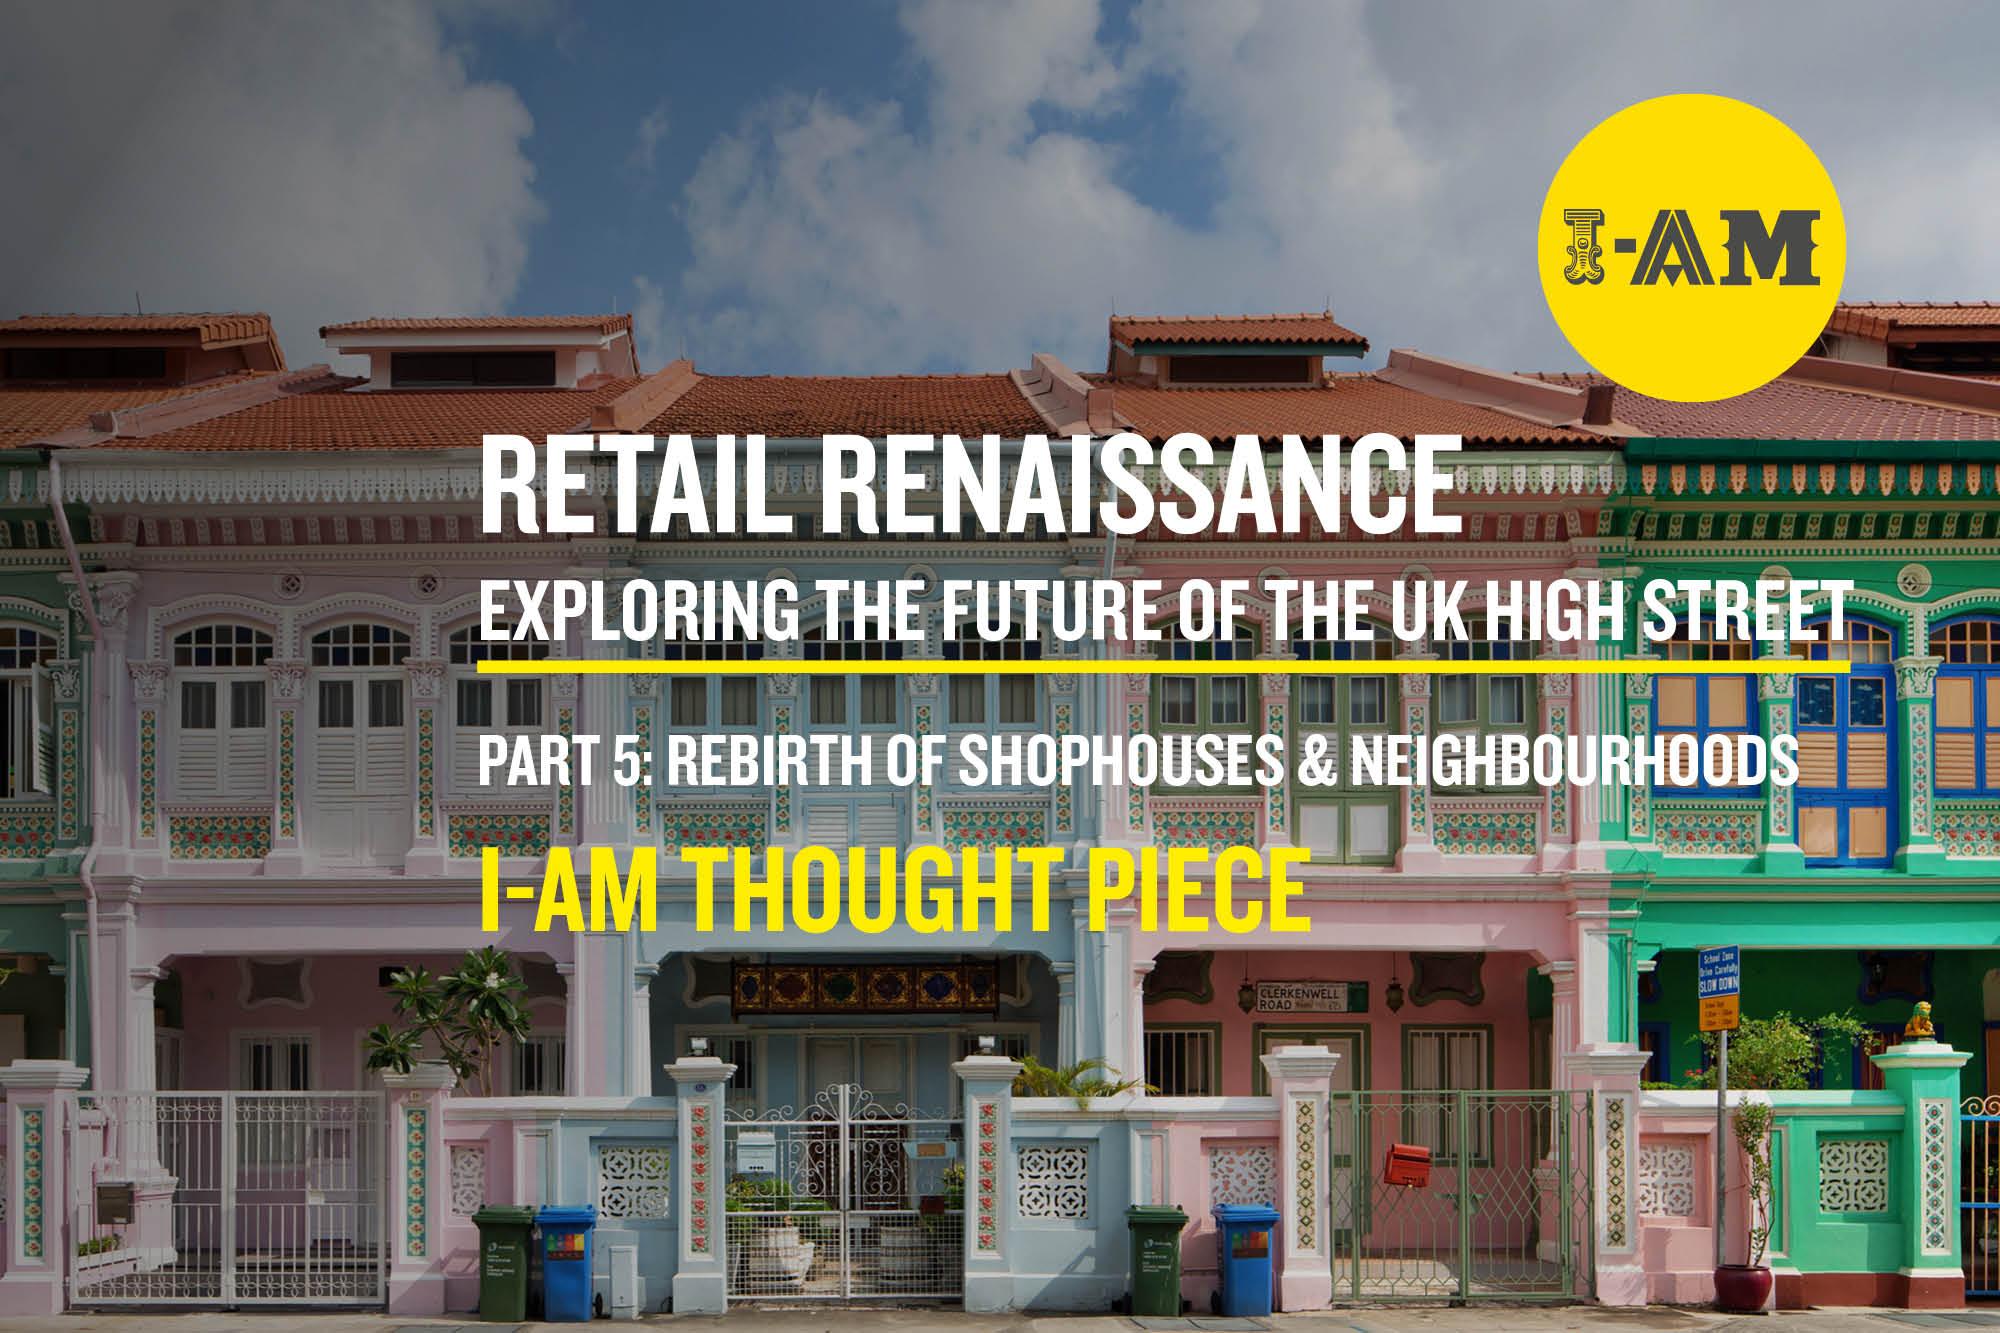 retail renaissance_FEATURED IMAGE PART 5